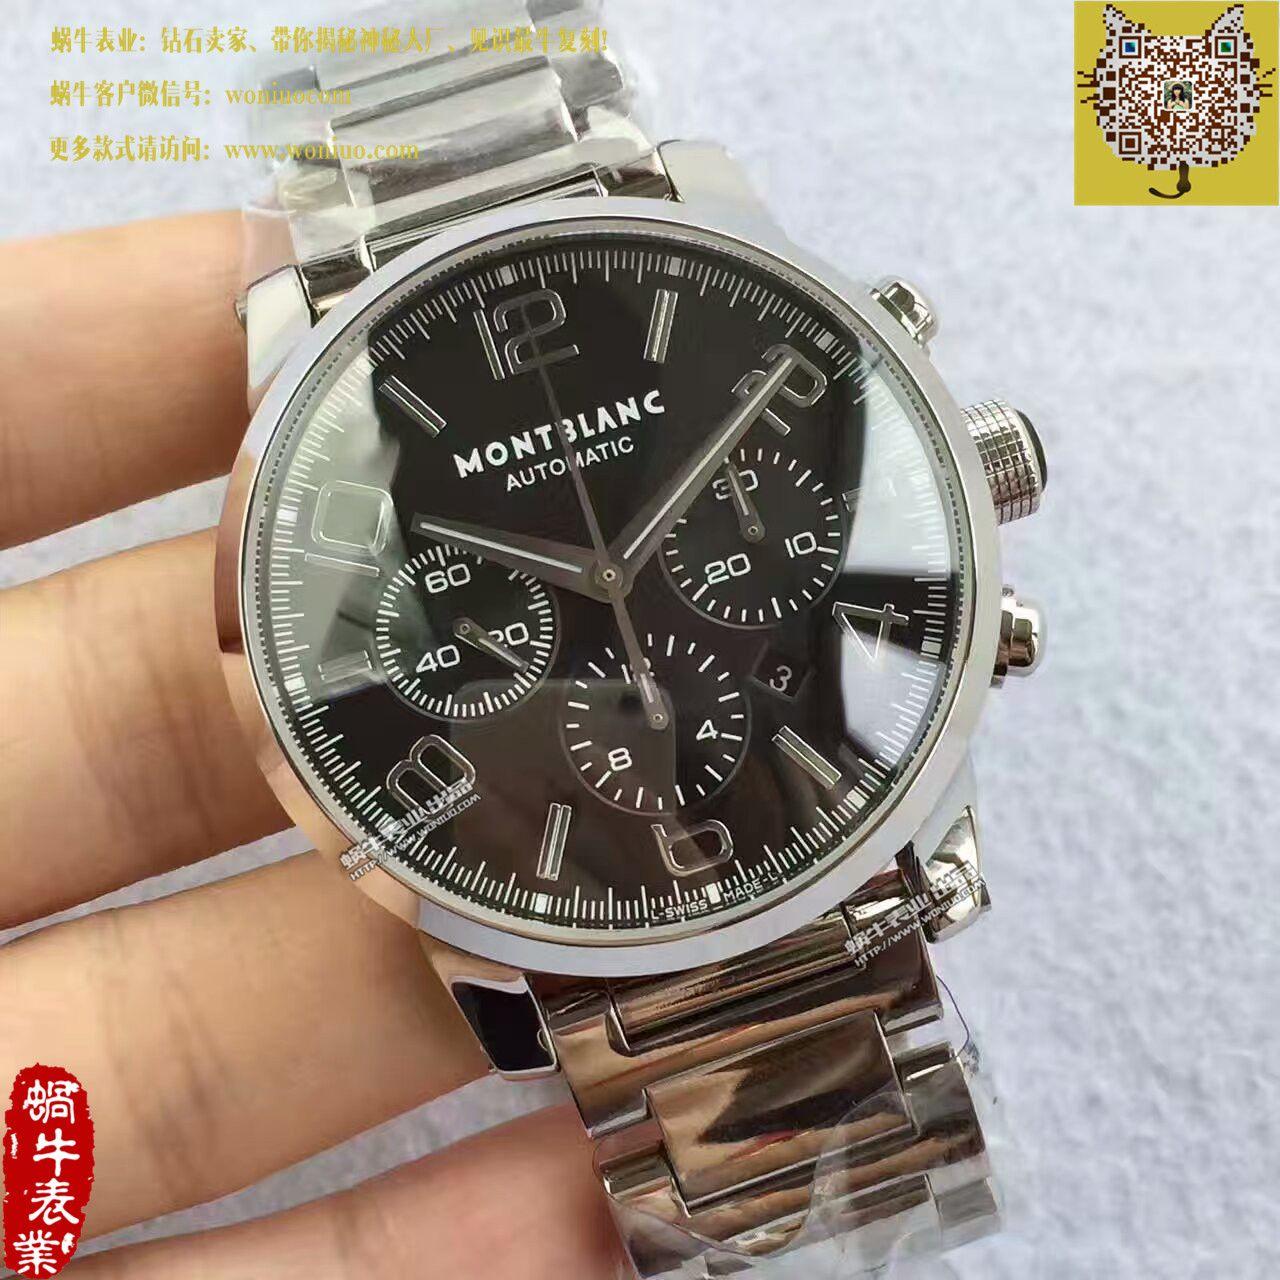 【台湾厂顶级复刻手表】Montblanc万宝龙时光行者系列09668腕表 / MB008